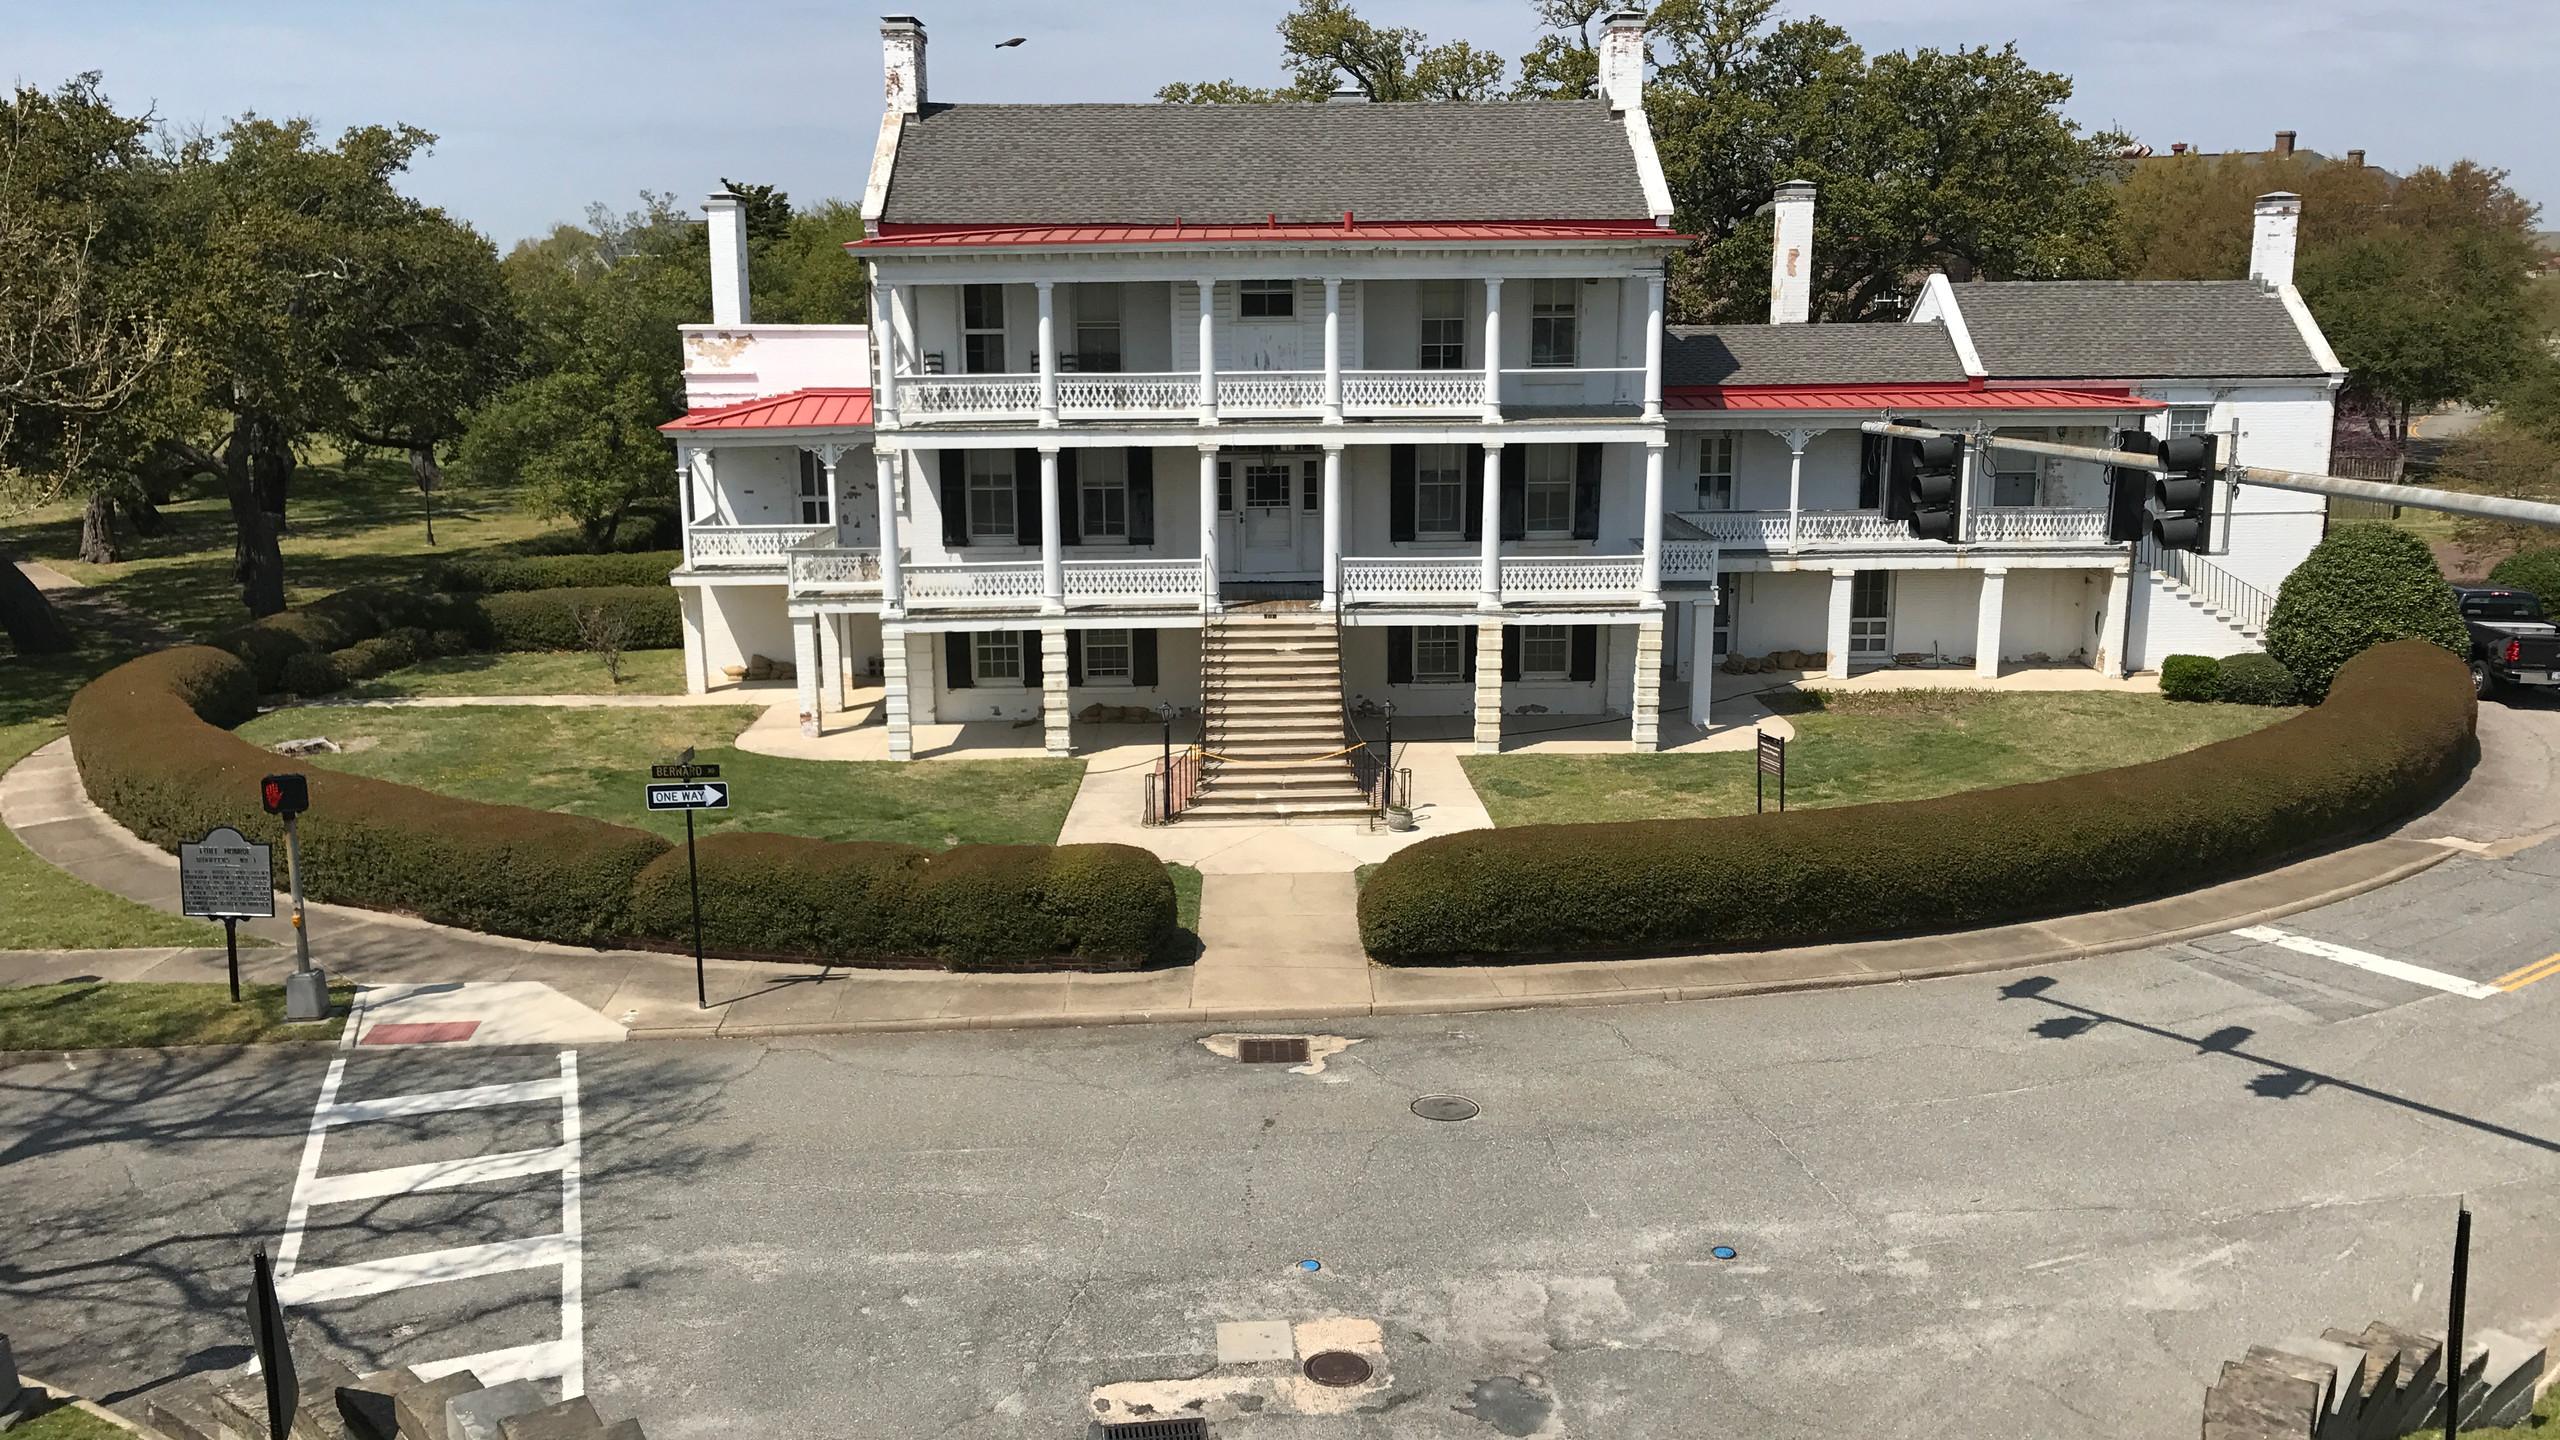 Lincoln's Quarters